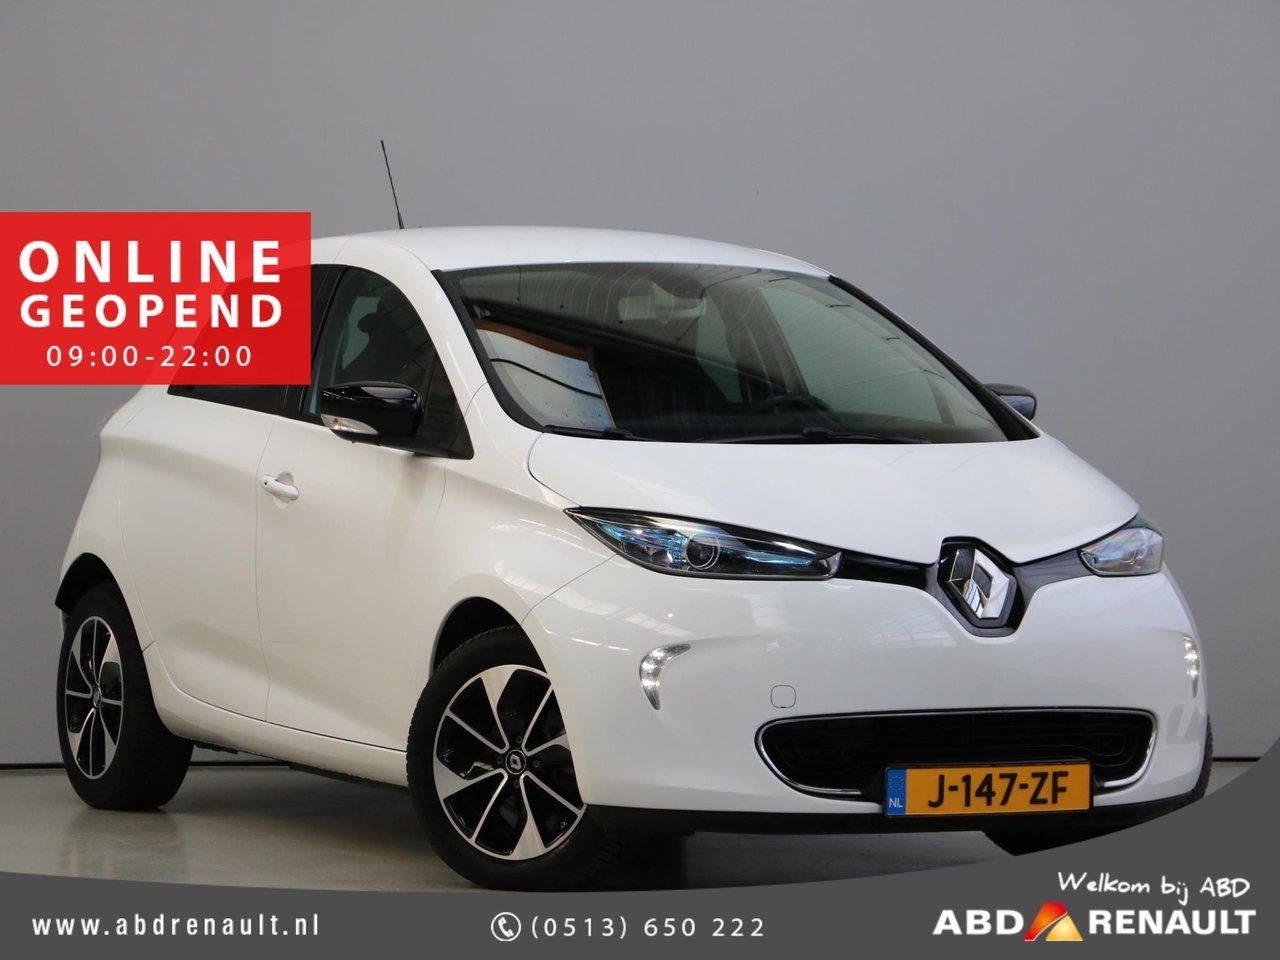 RenaultZoe - R90 Intens 41 kWh   €2.000 SUBSIDIE   4% BIJTELLING   Accu huur